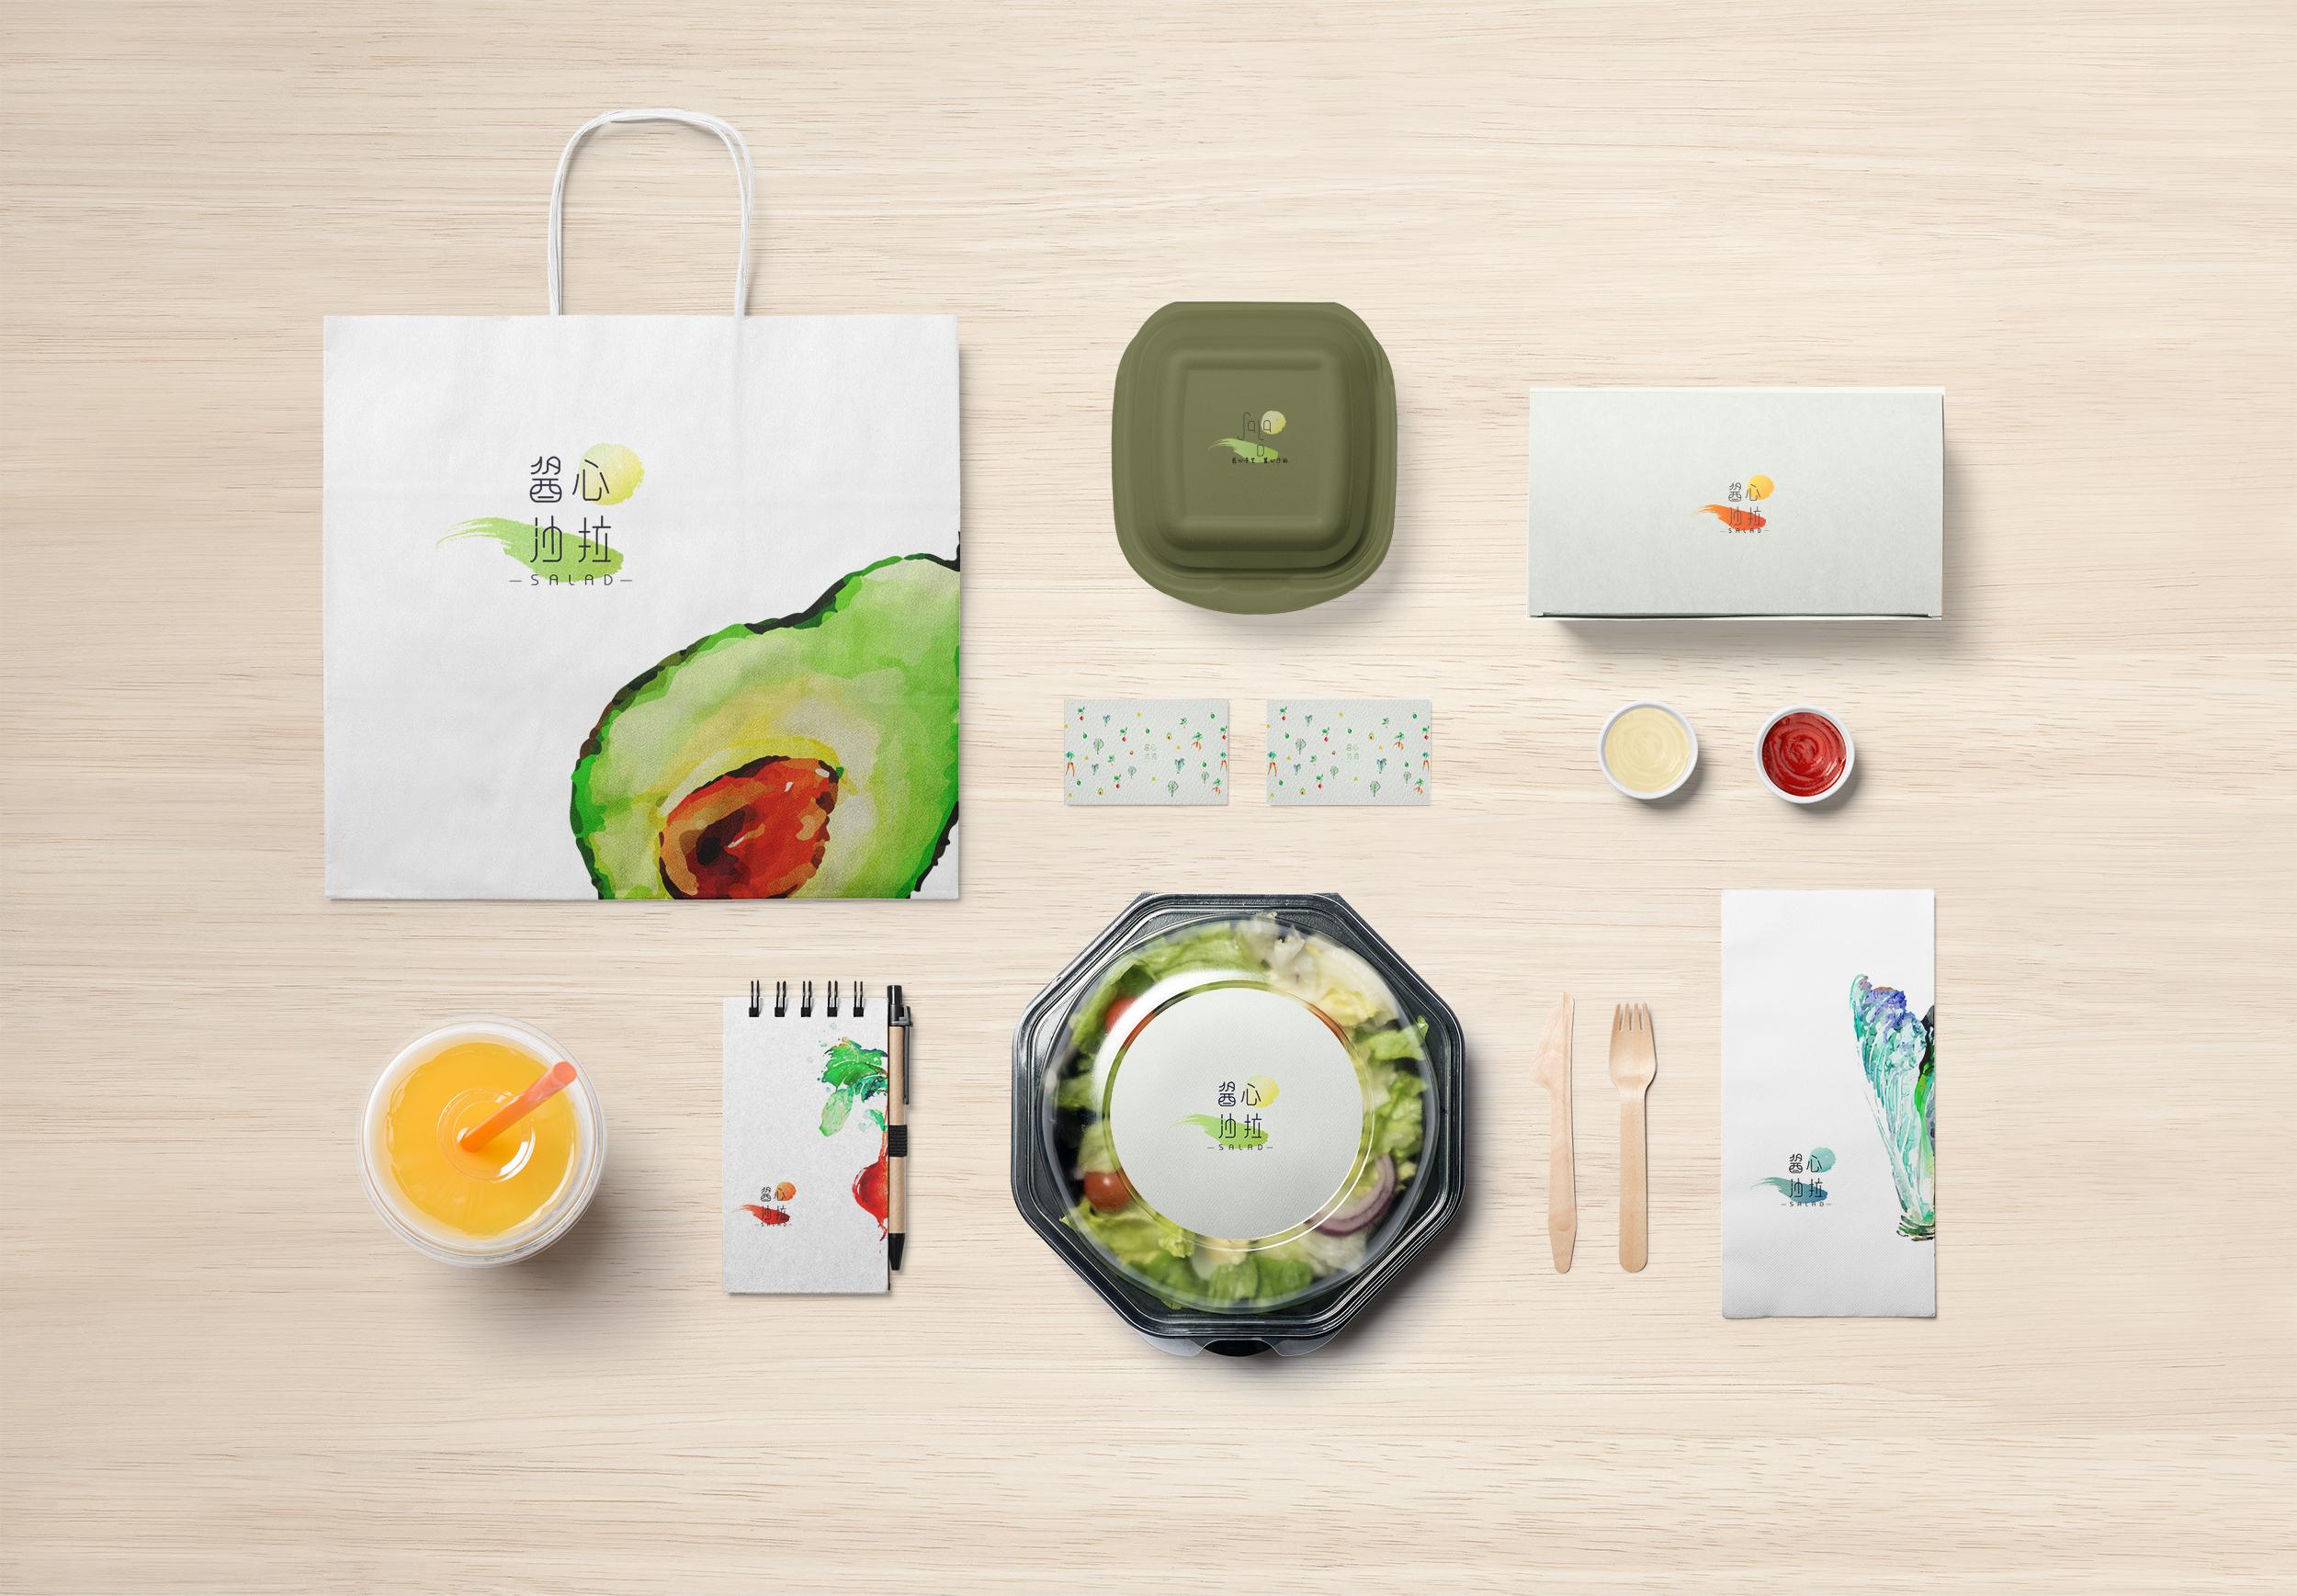 酱心沙拉logo设计/包装设计案例赏析